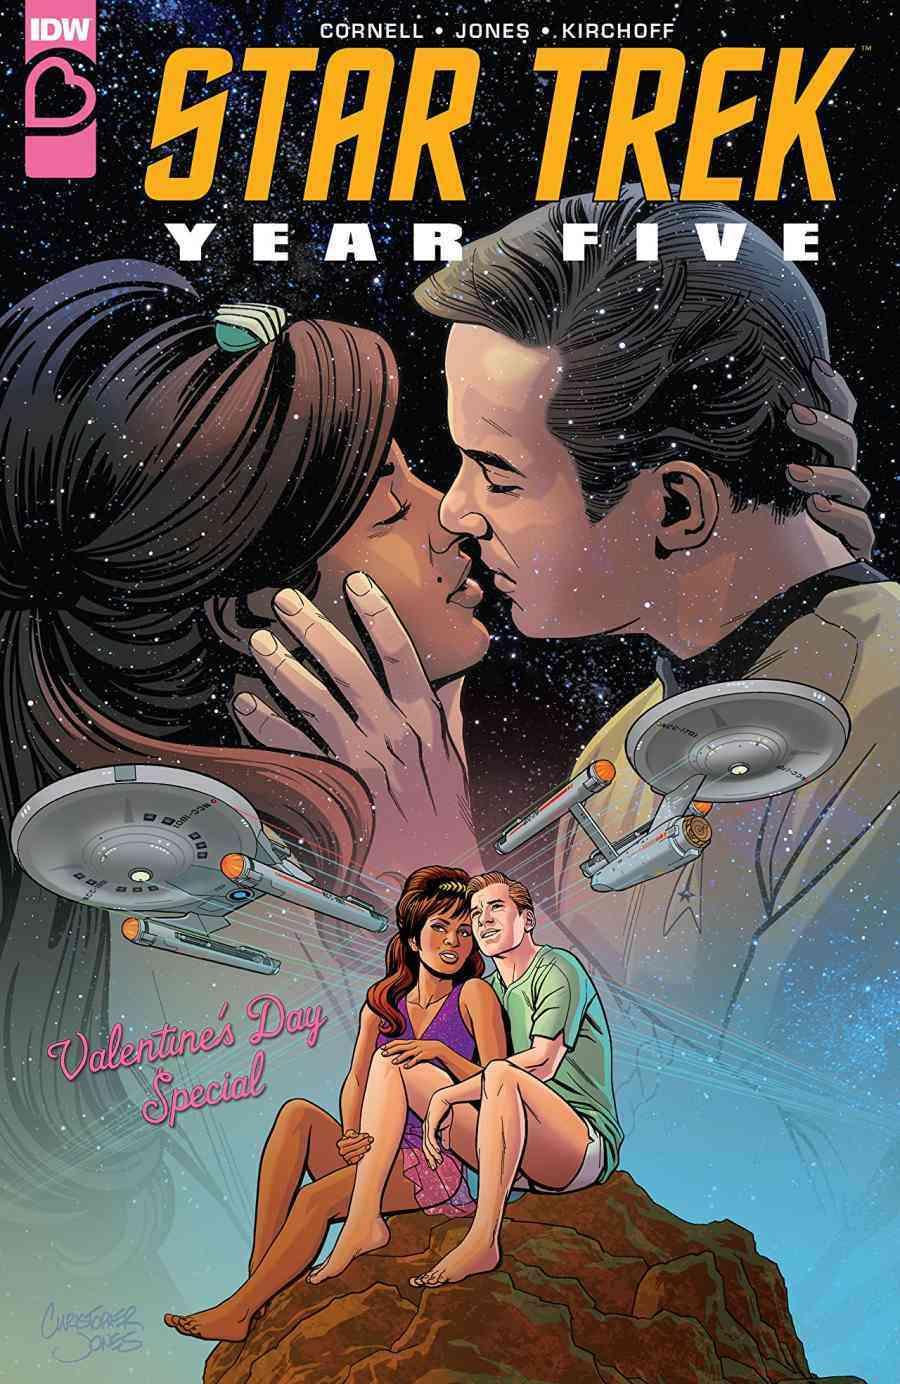 Star Trek Year Five Valentine's Day Special